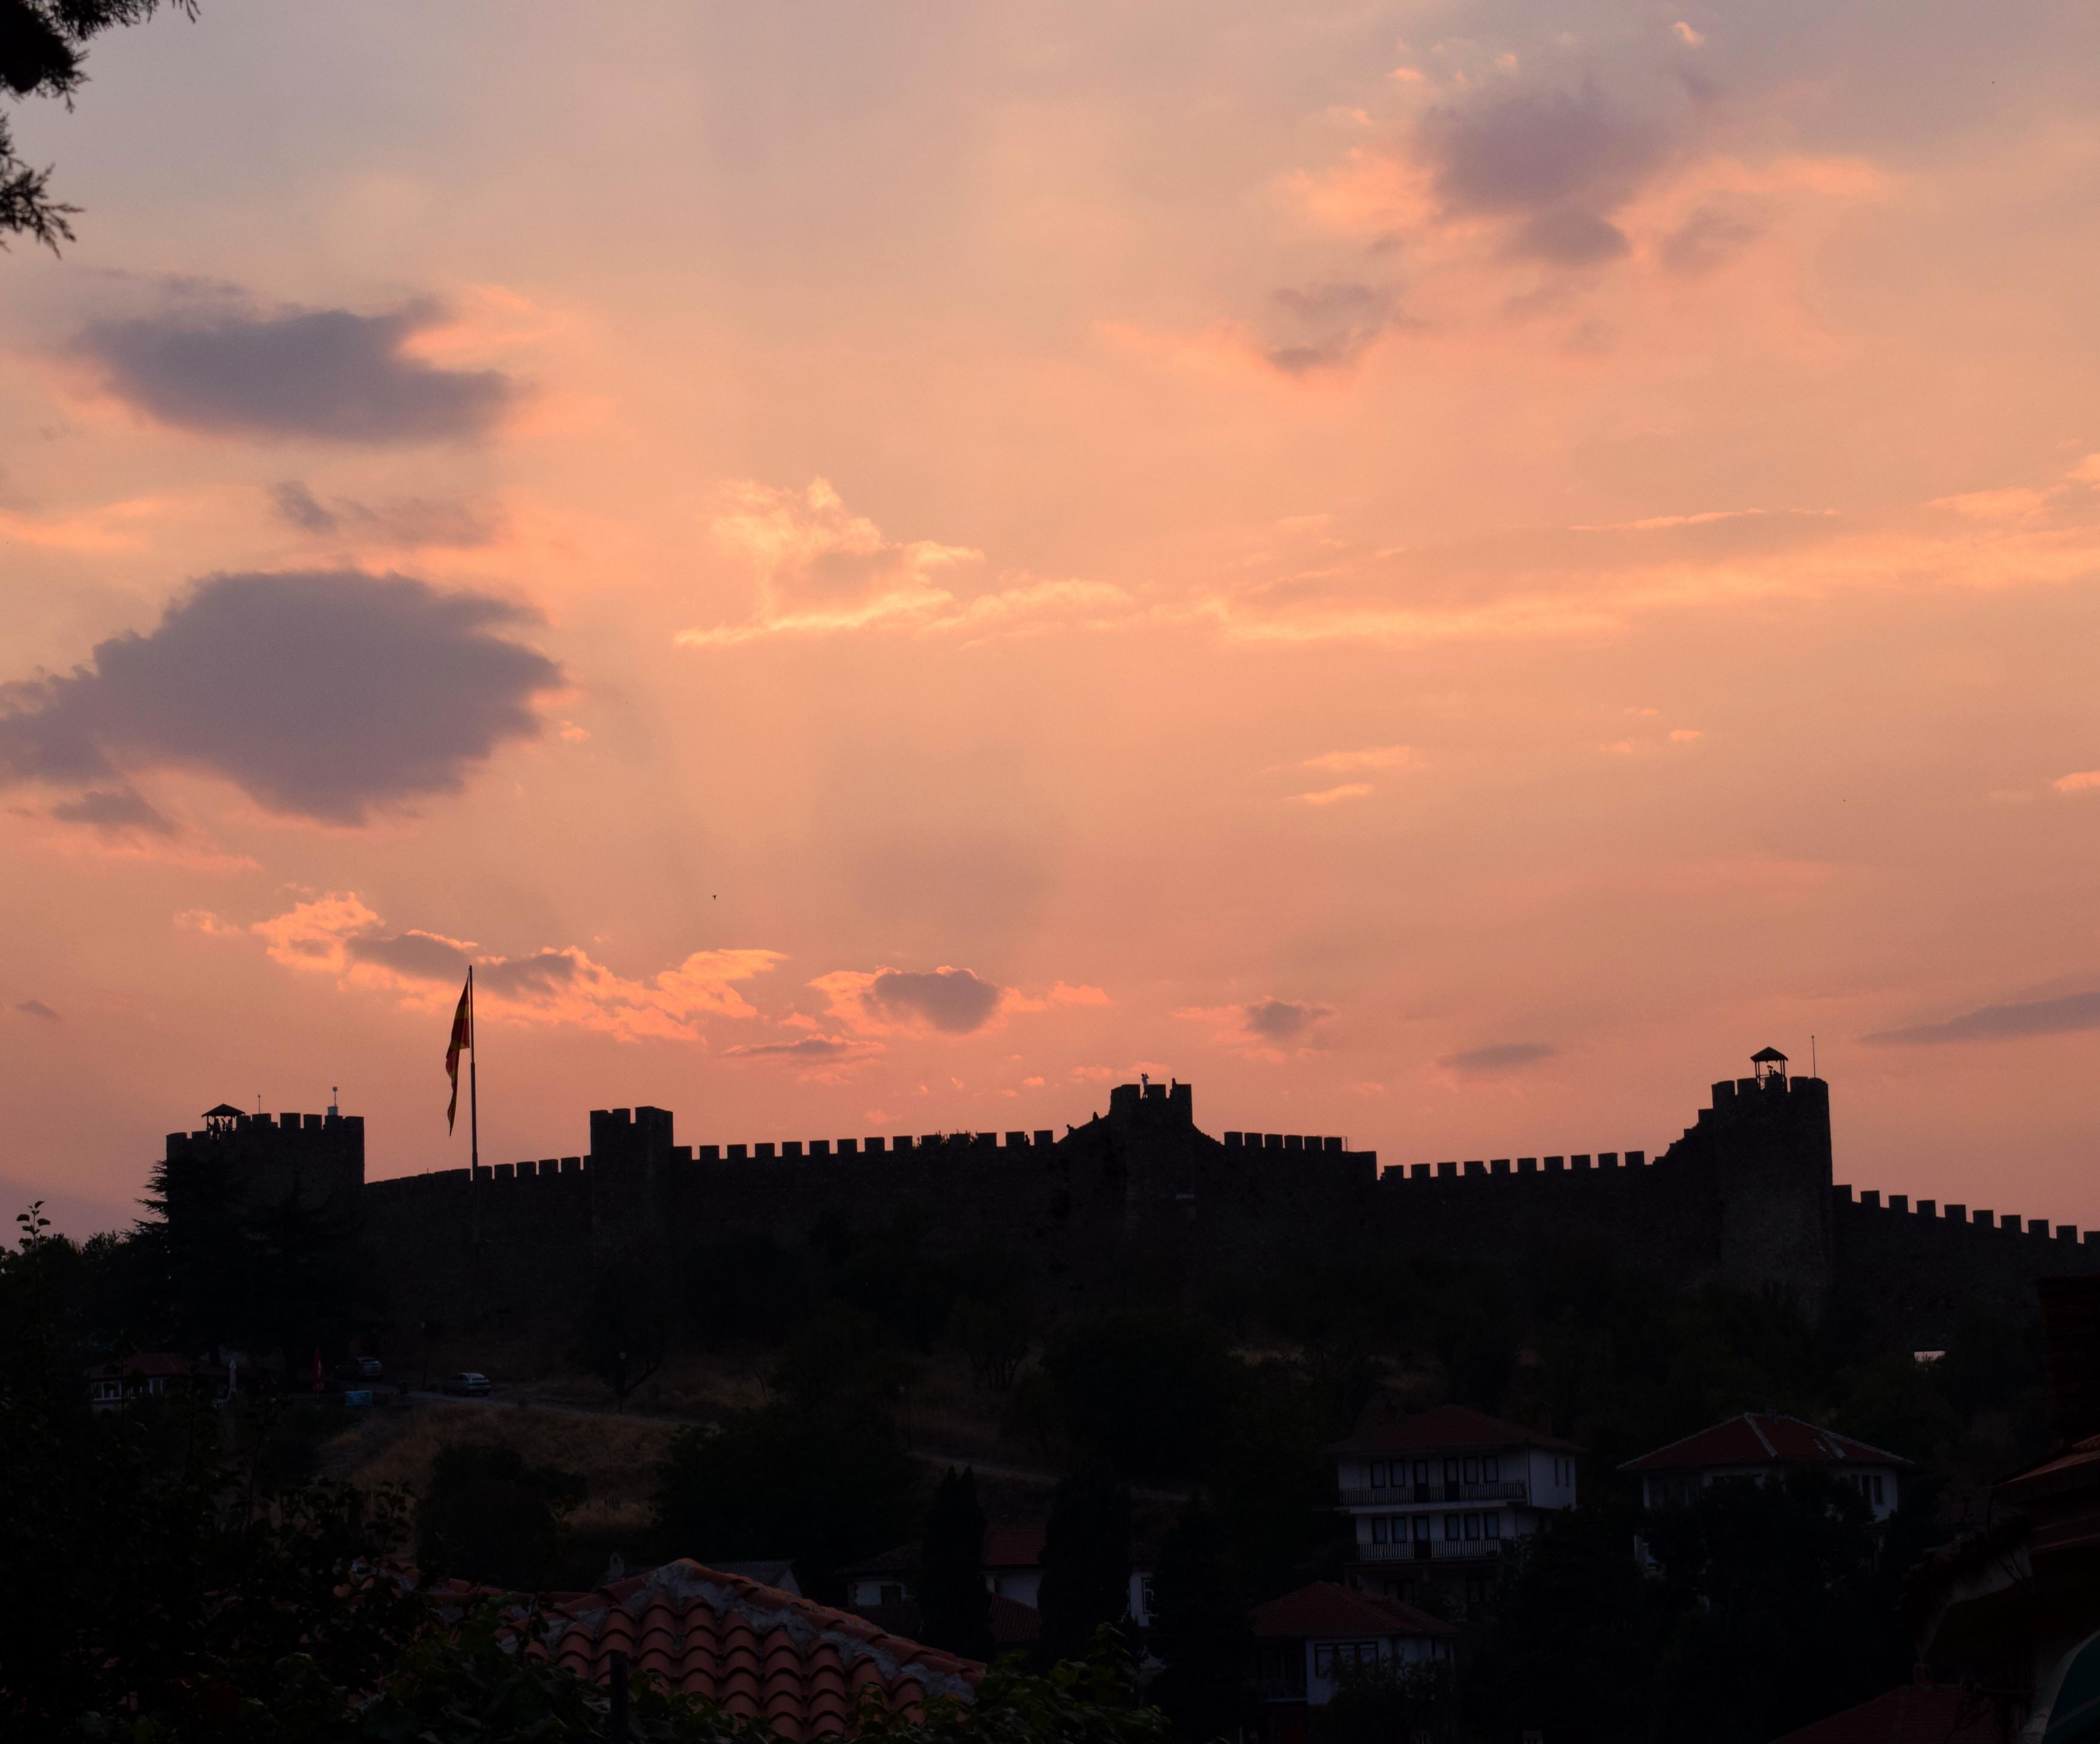 A vár nagyon szép kívülről, és nem mondom, hogy nem érdemes felmenni, mert Macedóniában tényleg nagyon olcsó a belépőjegy mindenhova. Ugyanakkor bár szép a kilátás de nem sokkal jobb, mintha bejárjuk a várost. Ezenkívül pedig csak a várfalak vannak, amik szépek, de azért annyira nem különlegesek, ha az ember járt már várban. Viszont idegenvezetéssel biztosan jobb, de sajnos nem tudom, hogy van-e ott, helyileg a várban, vagy ehhez egy teljes ohridira be kell fizetni (ami egyébként biztos szintén érdekes).